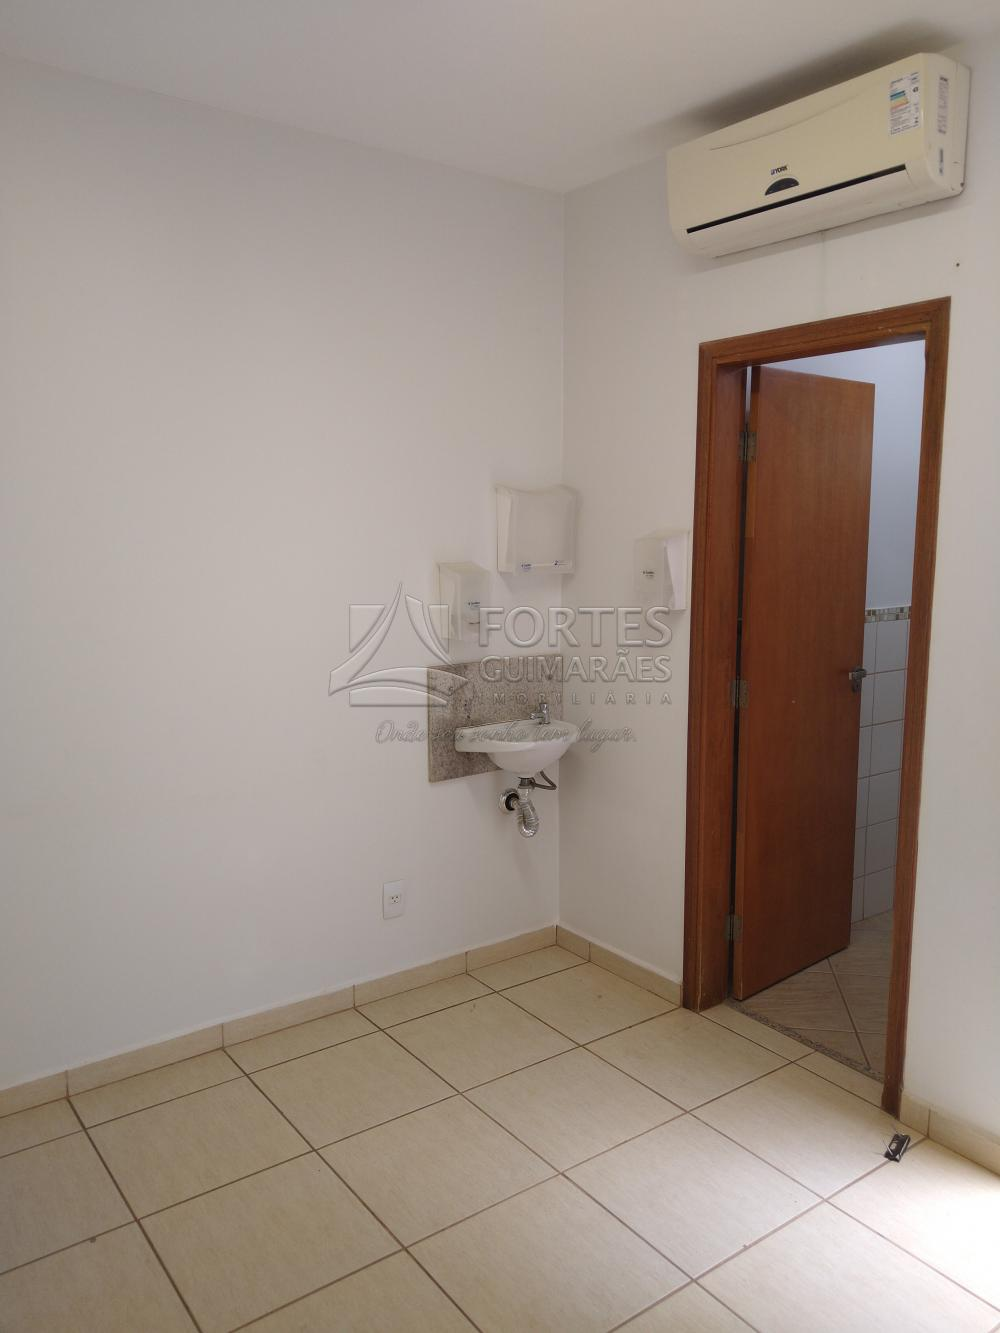 Alugar Comercial / Imóvel Comercial em Ribeirão Preto apenas R$ 12.000,00 - Foto 61